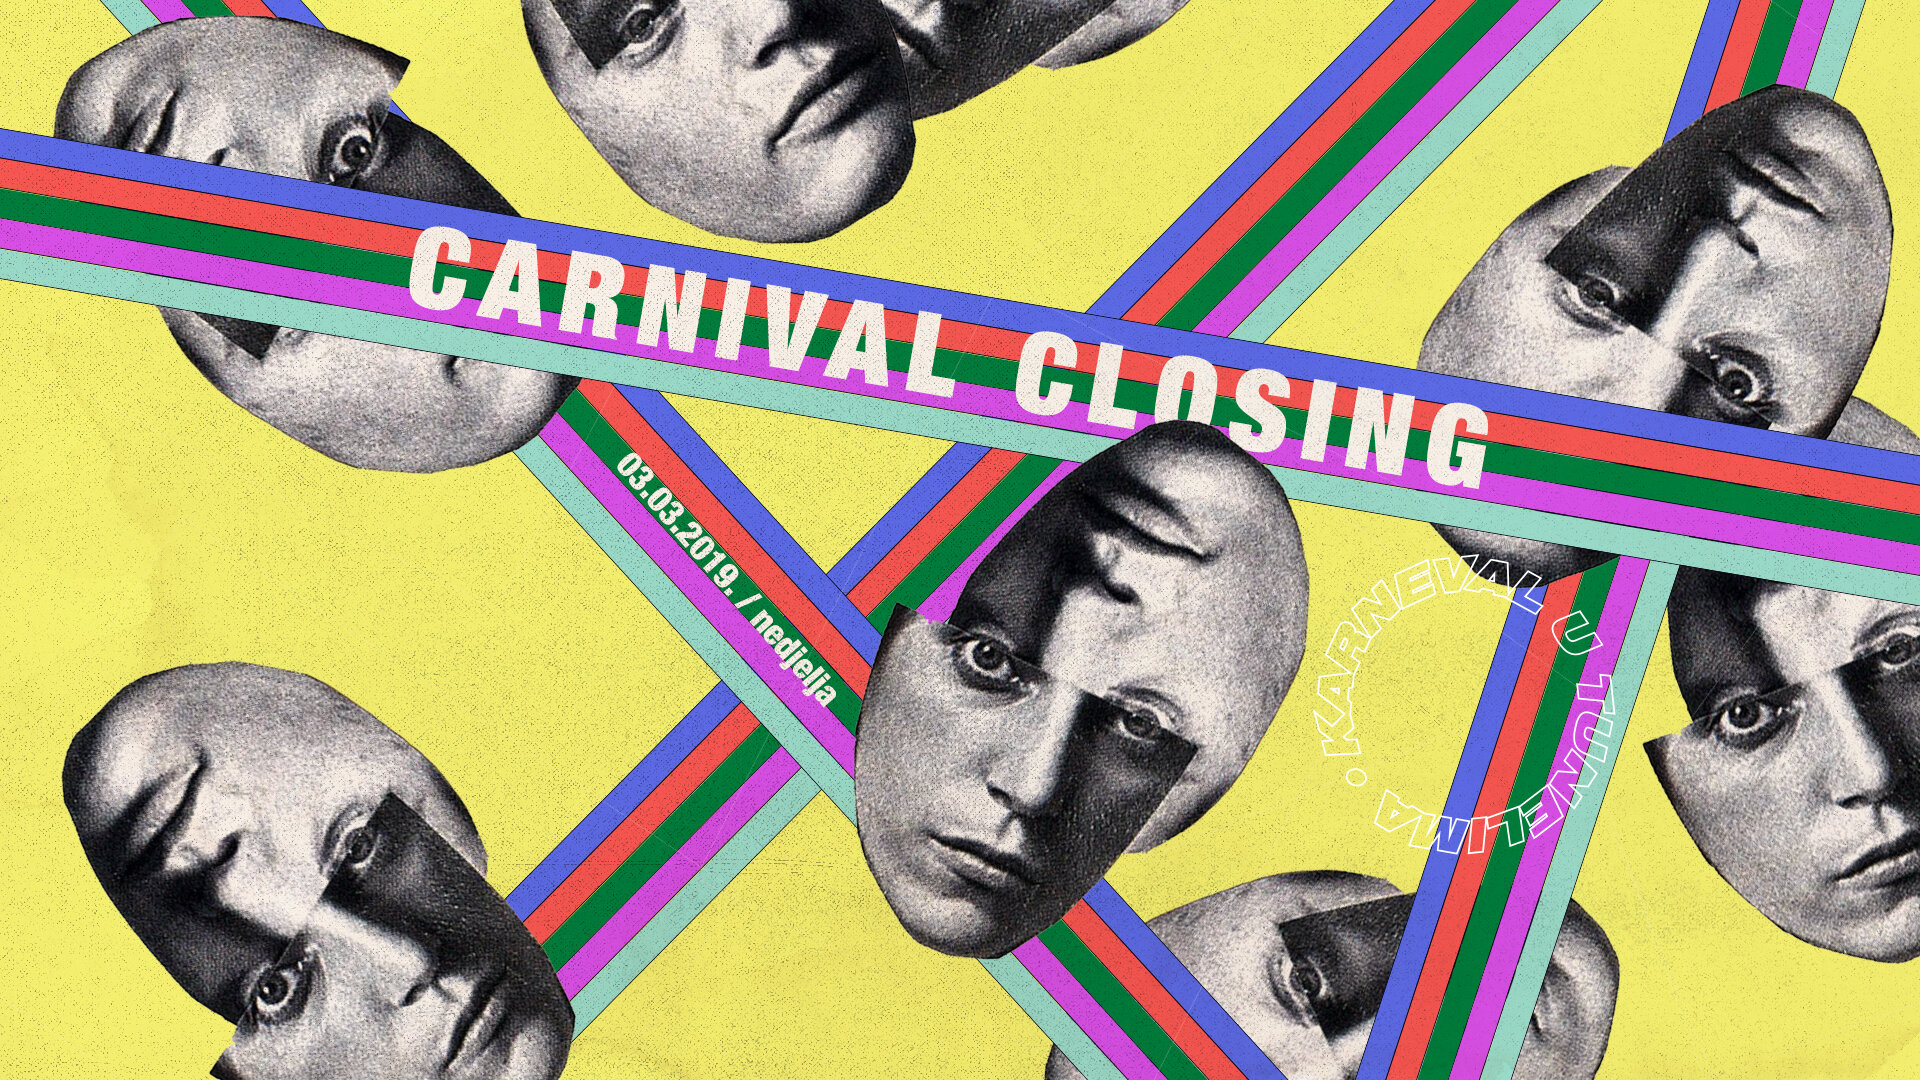 tunel-carnival-closing.jpg